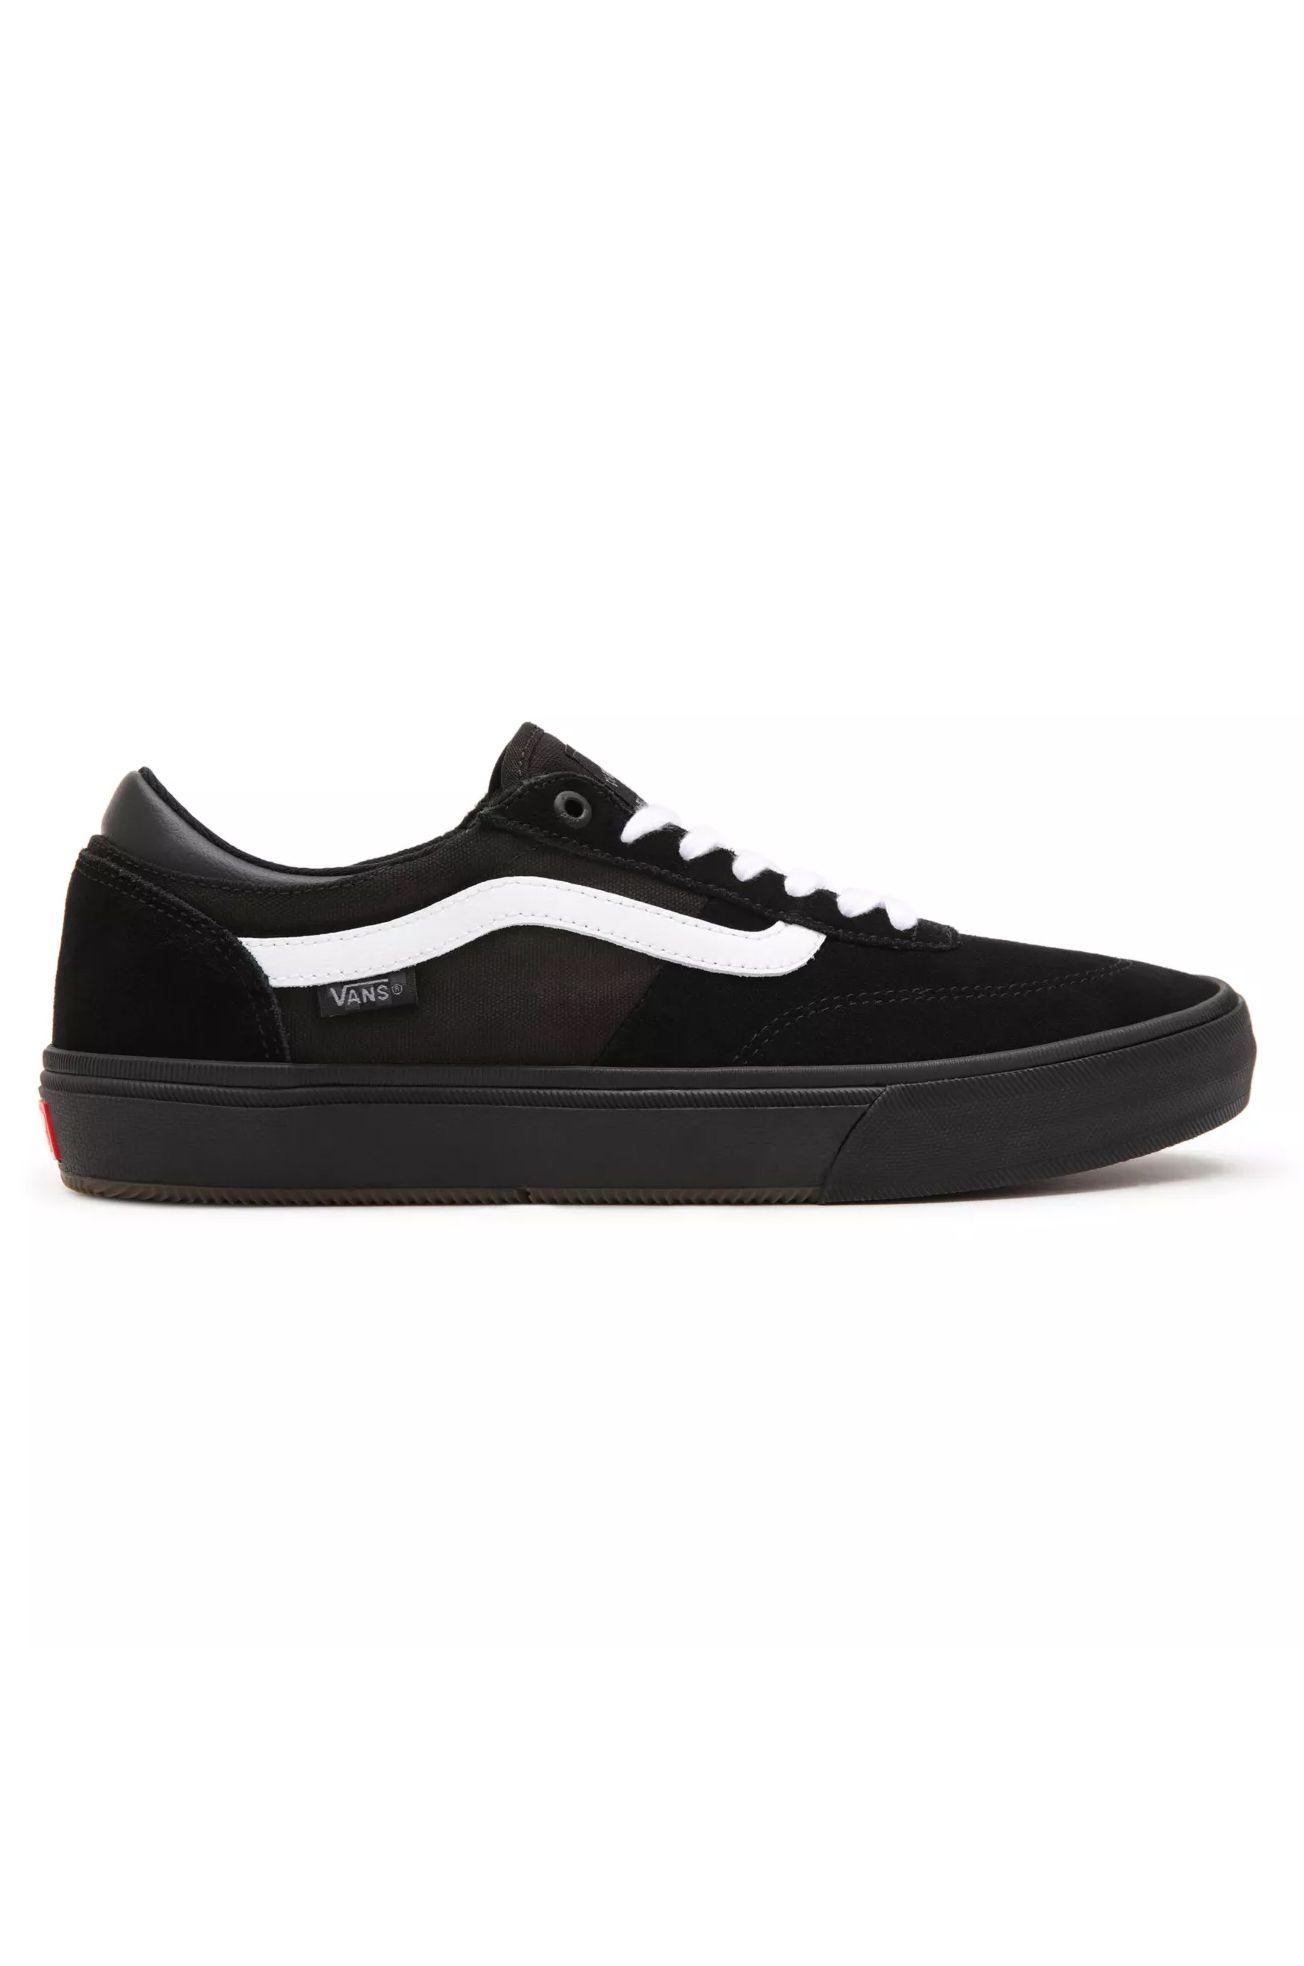 Vans Shoes MN GILBERT CROCKETT Blackout